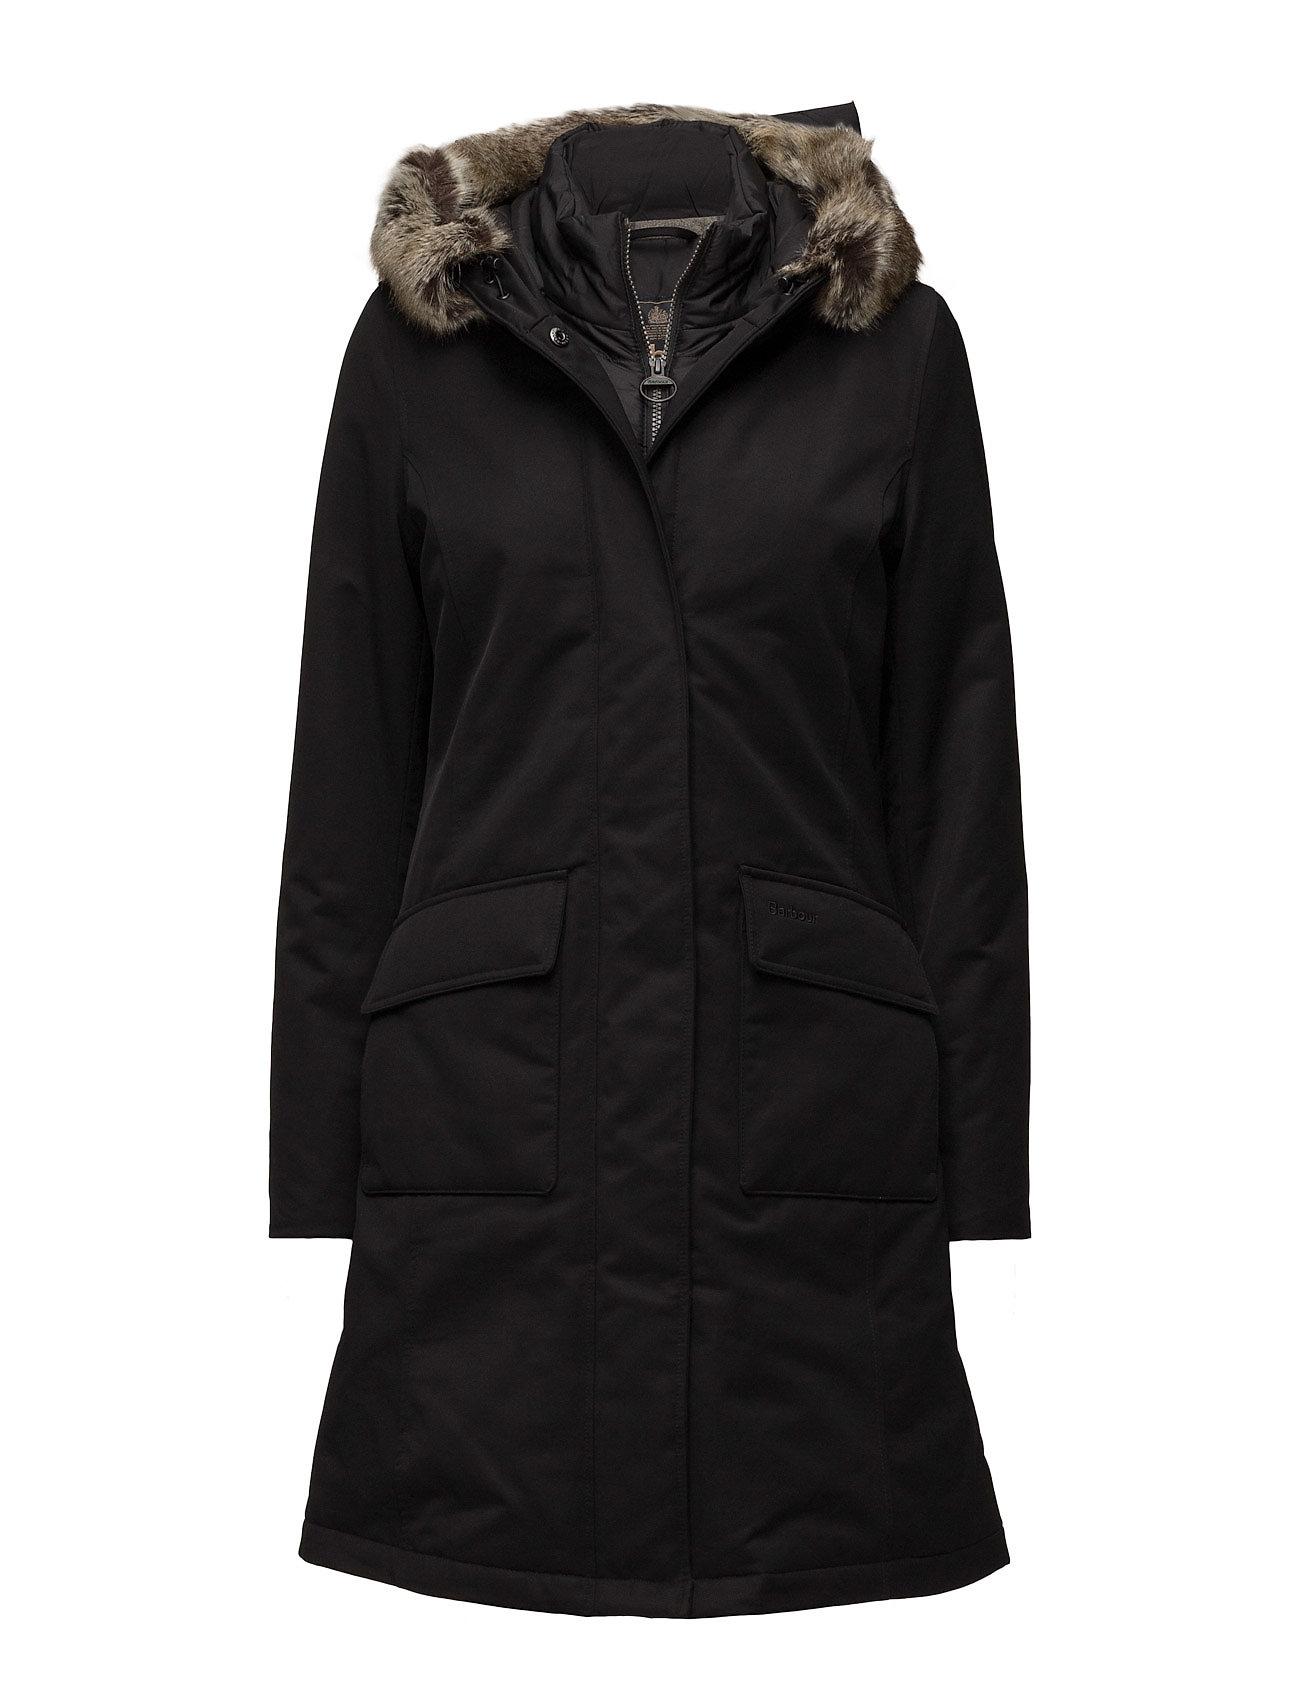 barbour – Barbour linton jacket på boozt.com dk